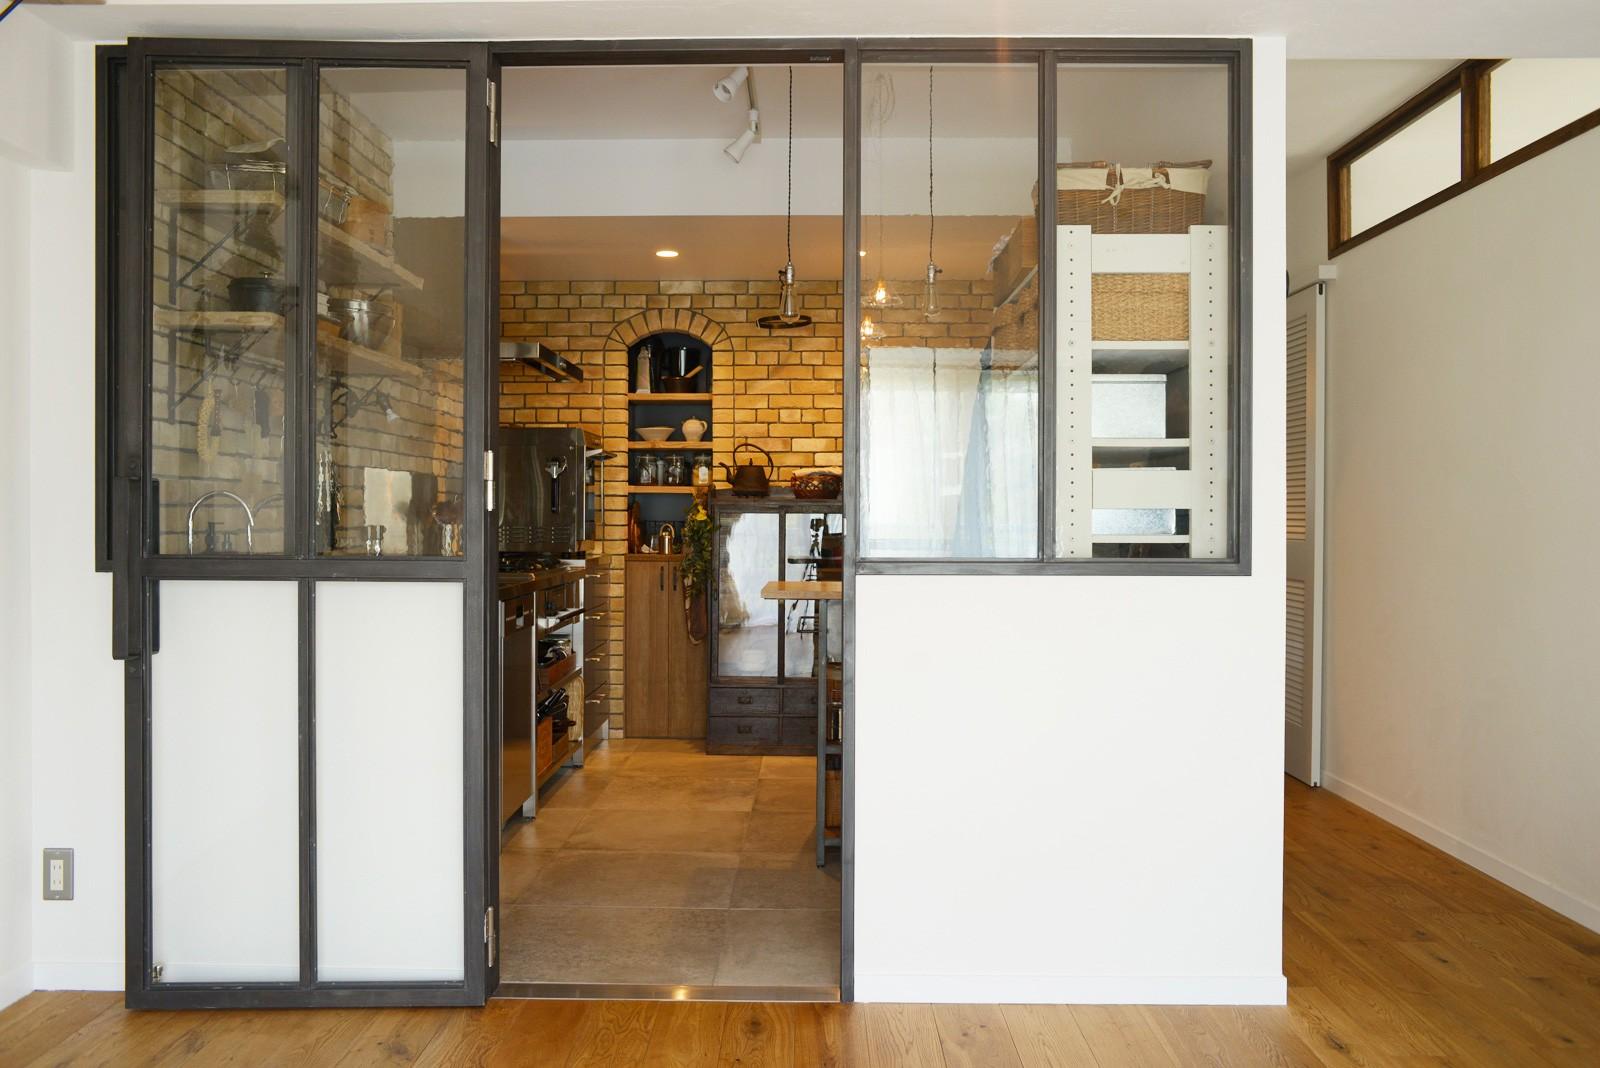 キッチン事例:キッチン(『SEASON』 ― 景色と暮らす、窓のイエ)